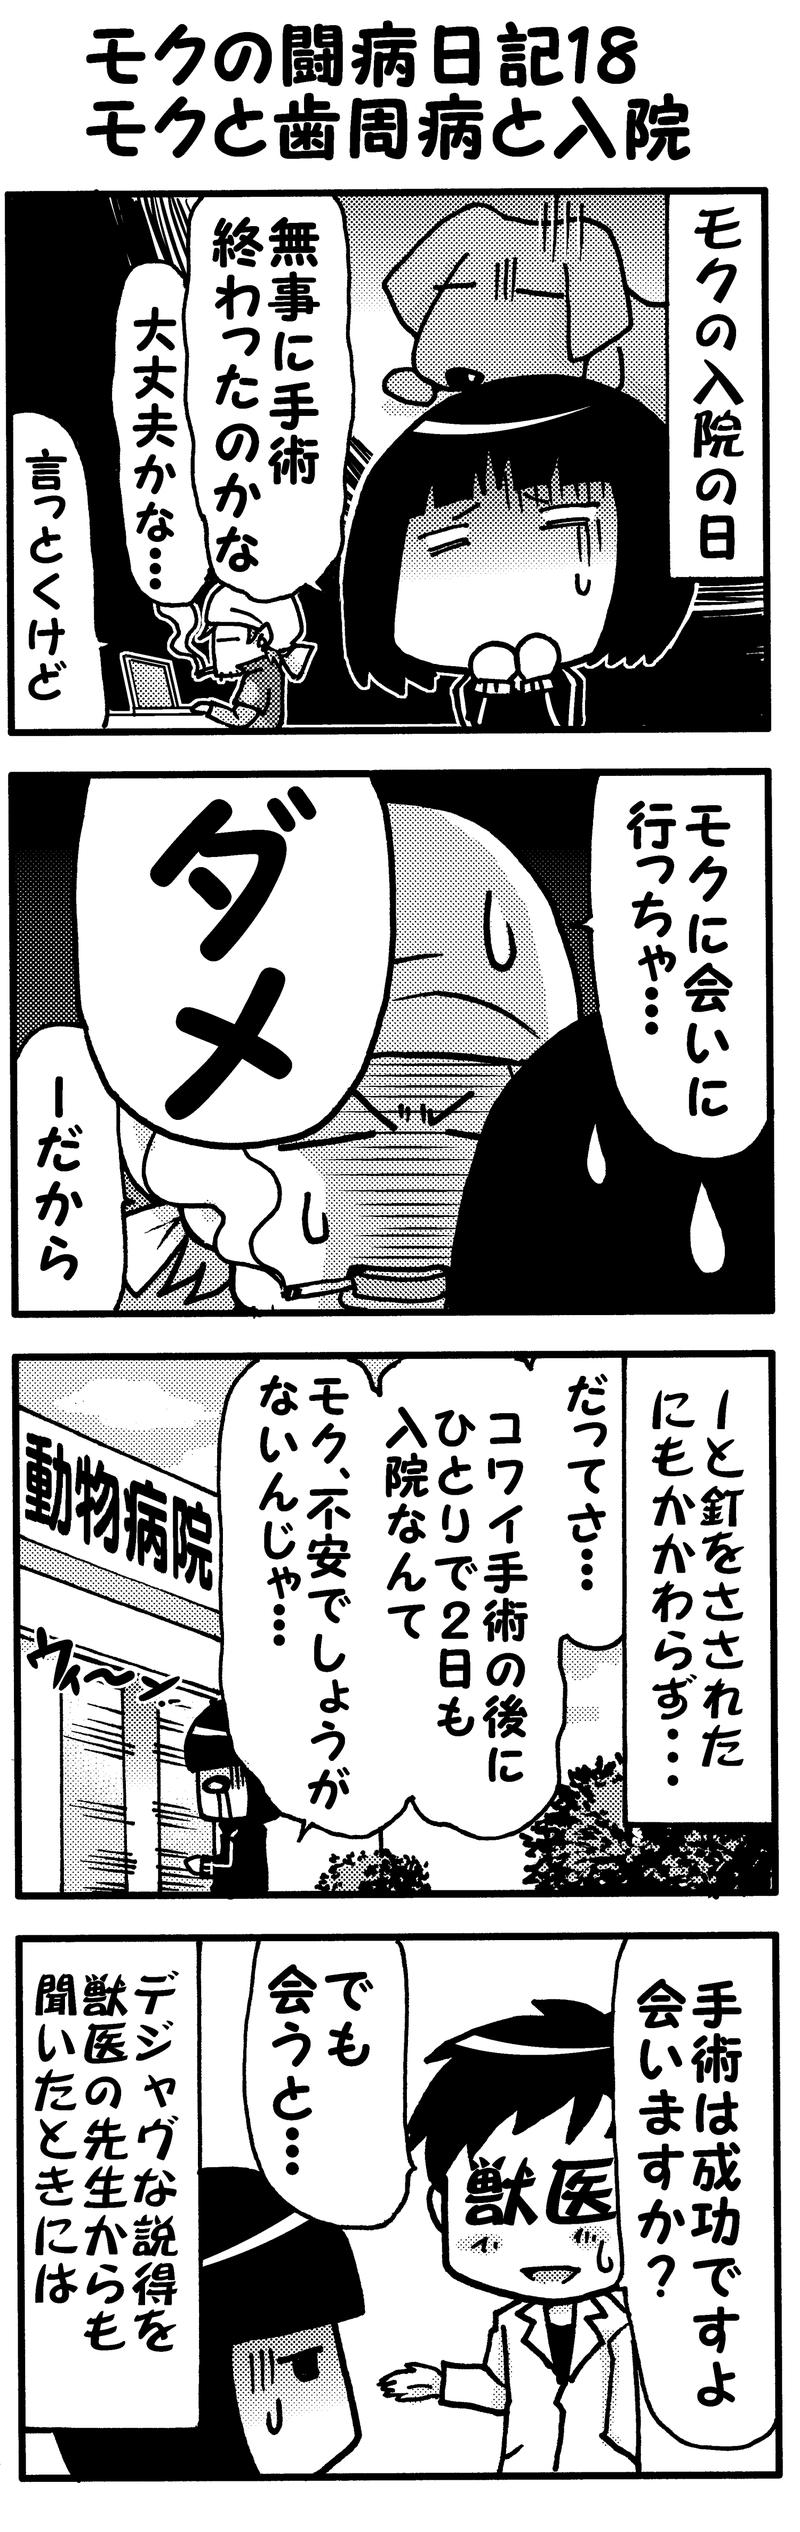 モクの闘病日記18・・・入院モノクロ(前)